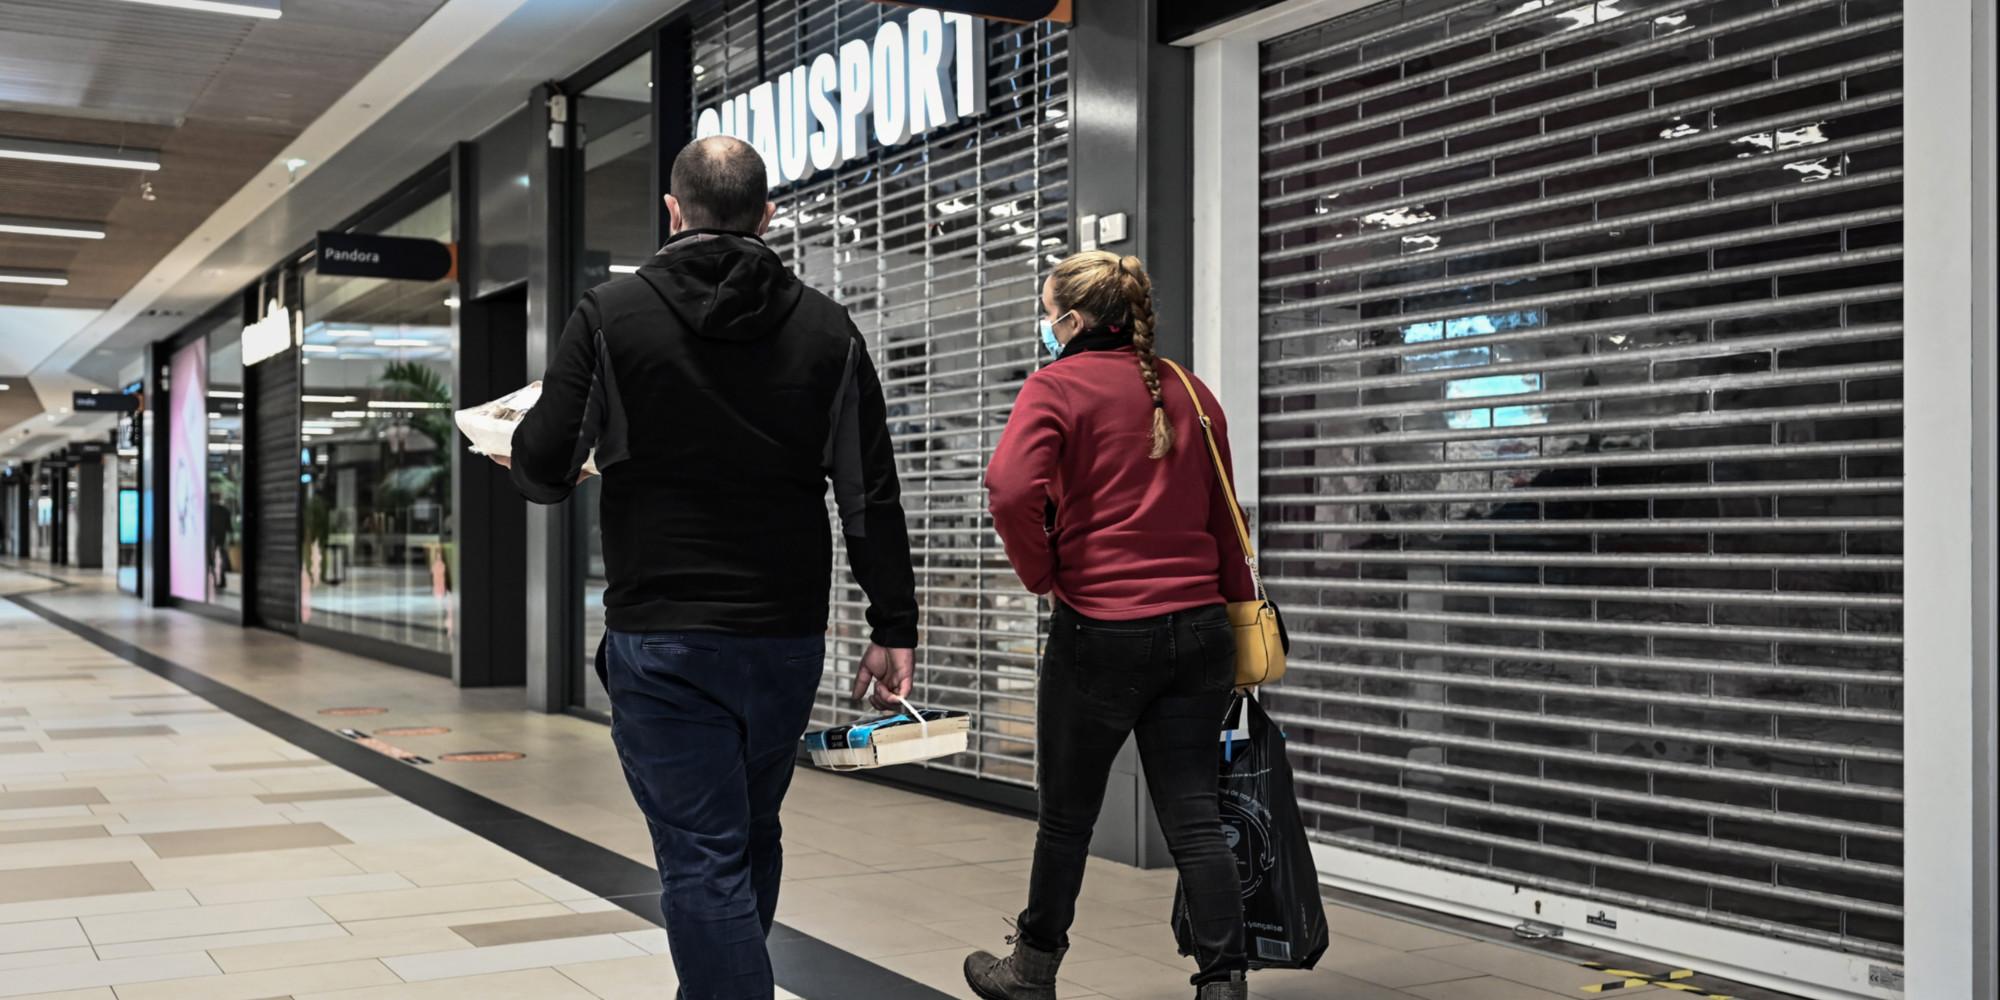 Réouverture des commerces : comment gérer l'affluence en boutique ?